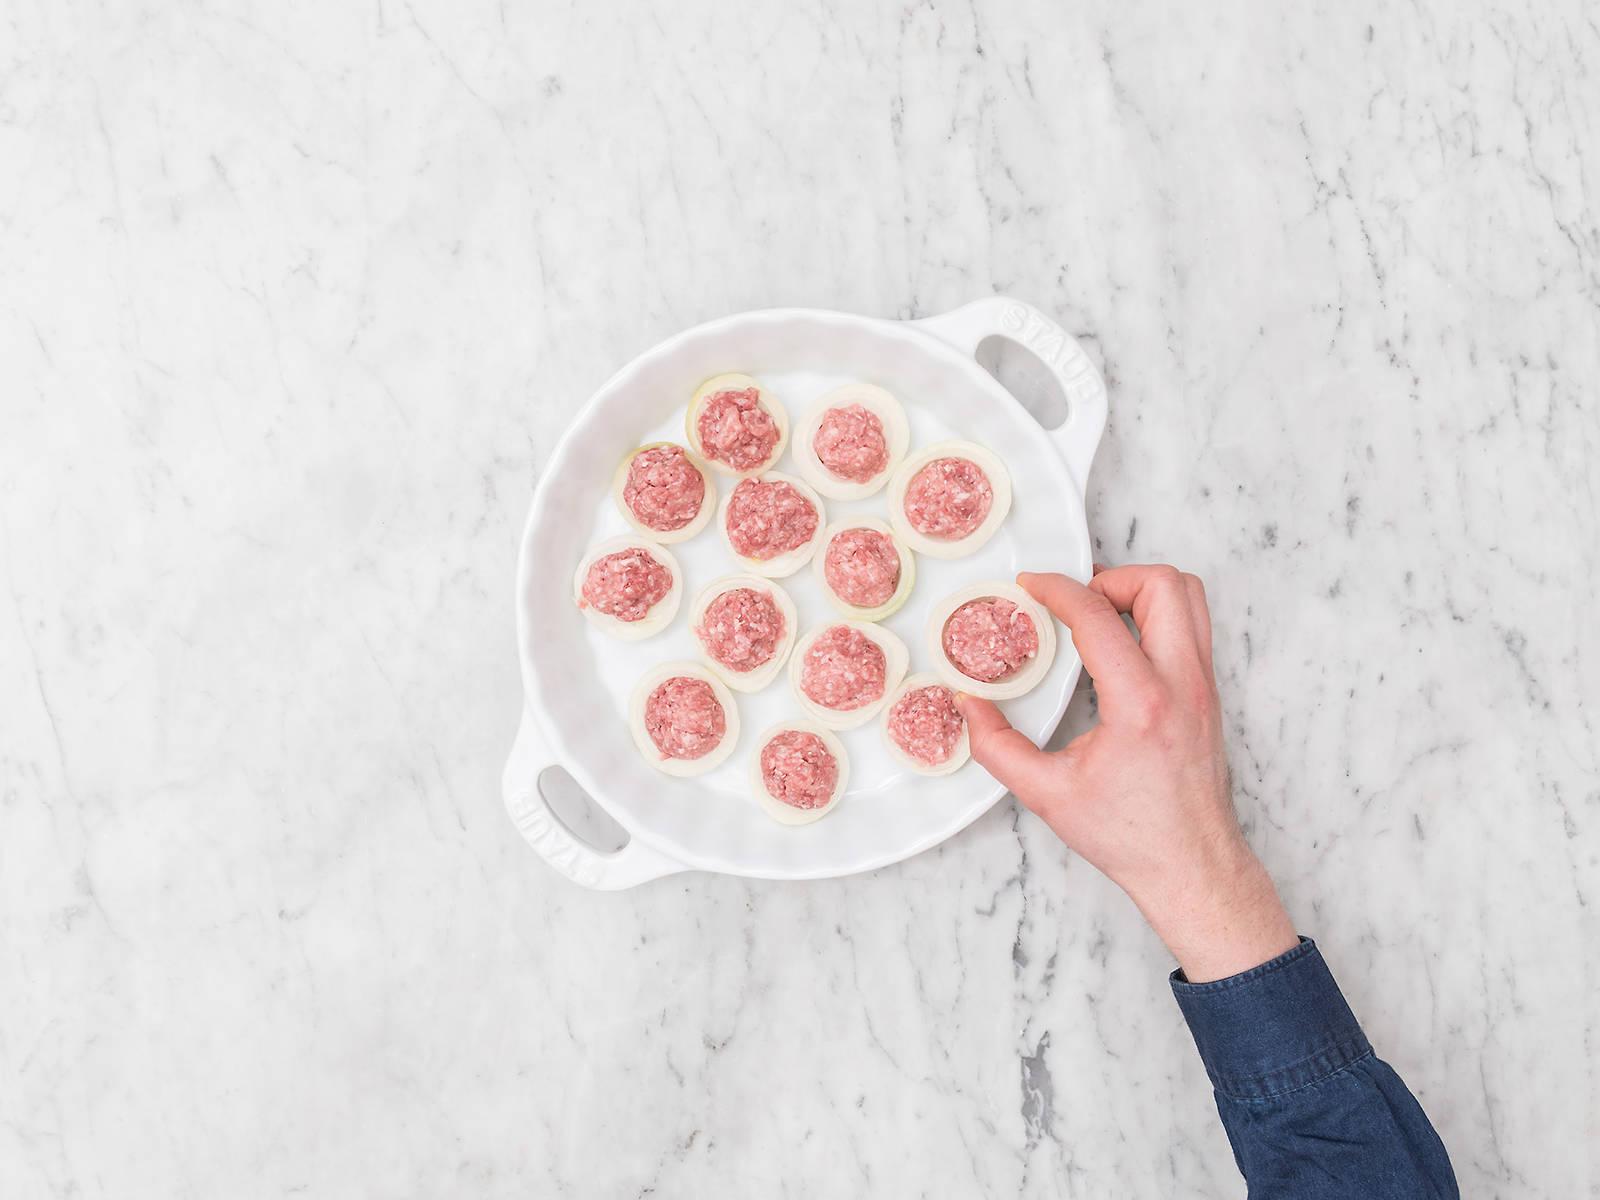 Backofen auf 180°C vorheizen. Zwiebeln schälen, halbieren und die inneren Zwiebelschichten entfernen, um Platz für das Hackfleisch zu schaffen. Das Hackfleisch mit den Händen zu walnussgroßen Bällchen formen und jedes Bällchen in eine halbe Zwiebel legen. In eine Auflaufform legen und ca. 35 Min. backen, bis die Hackbällchen gebräunt sind.